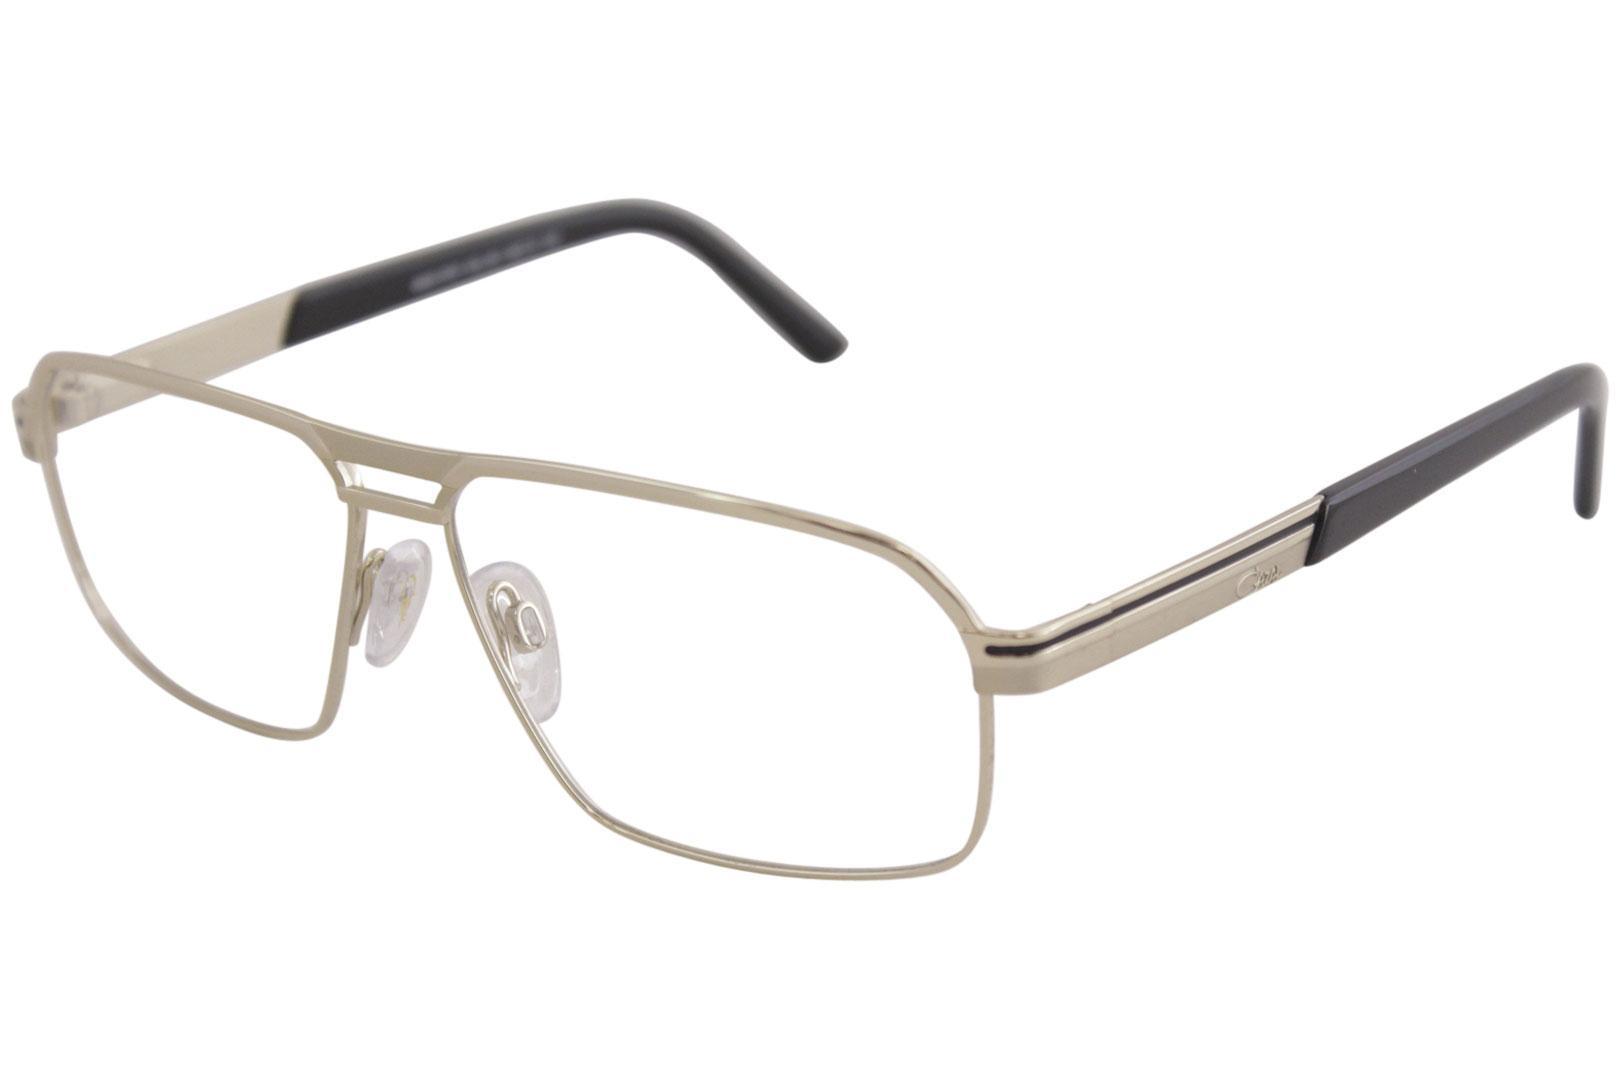 19869c46202 Cazal Men s Eyeglasses 7070 Full Rim Titanium Optical Frame